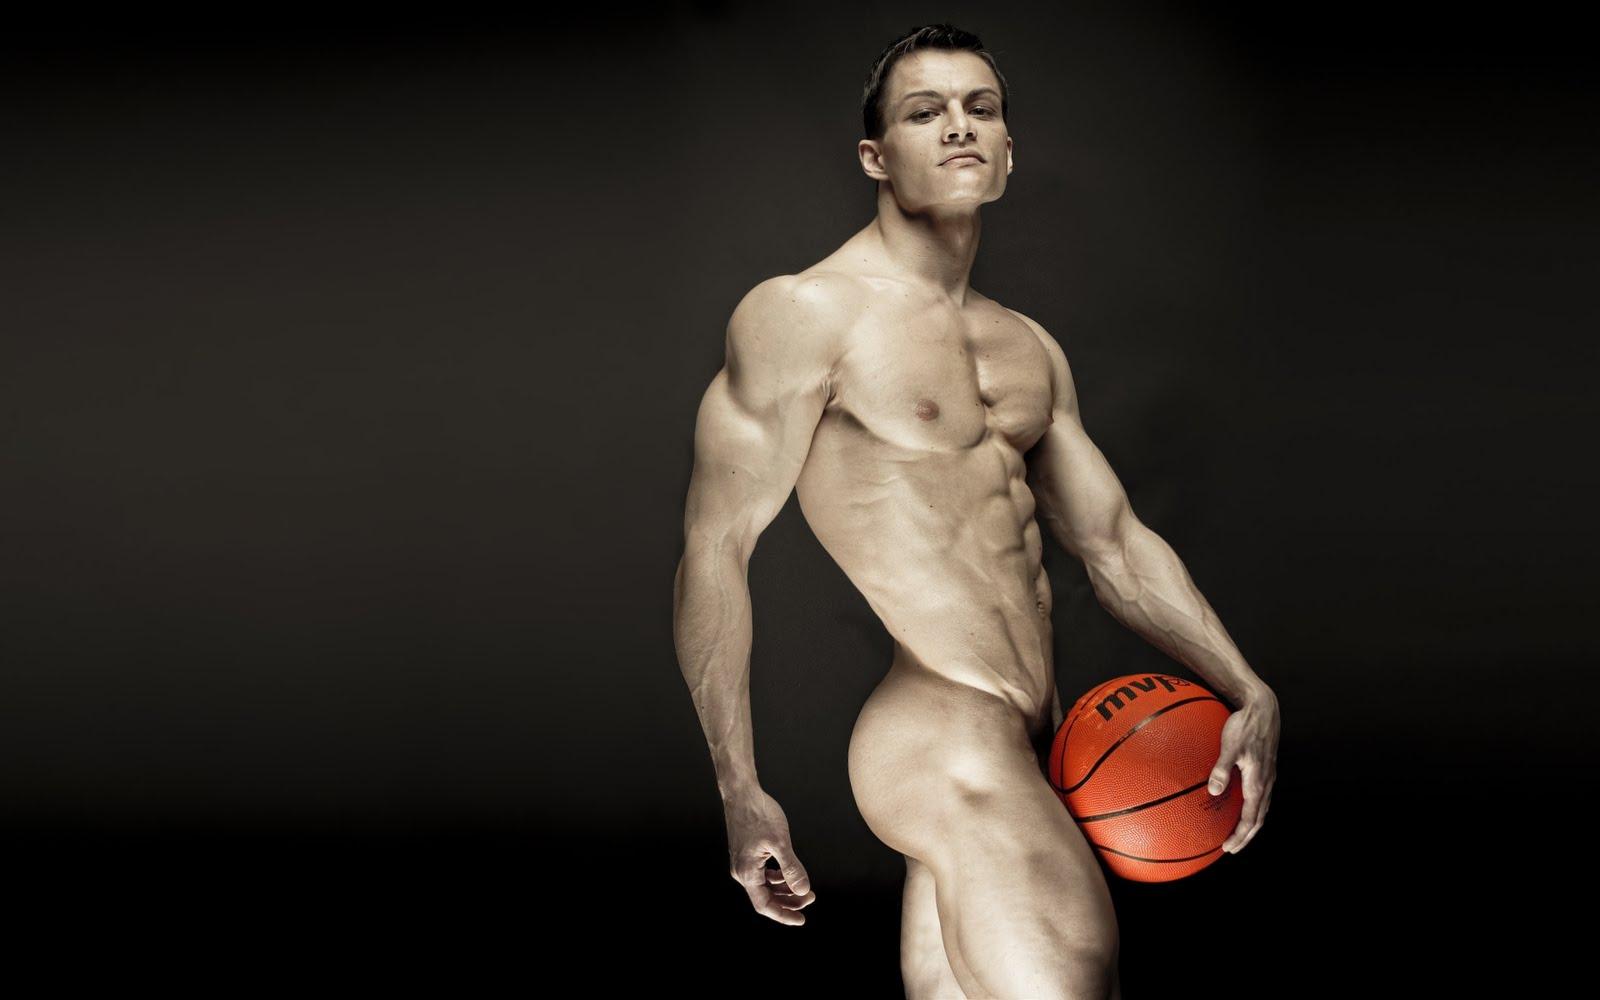 Nude Basketball Players Gay Porn